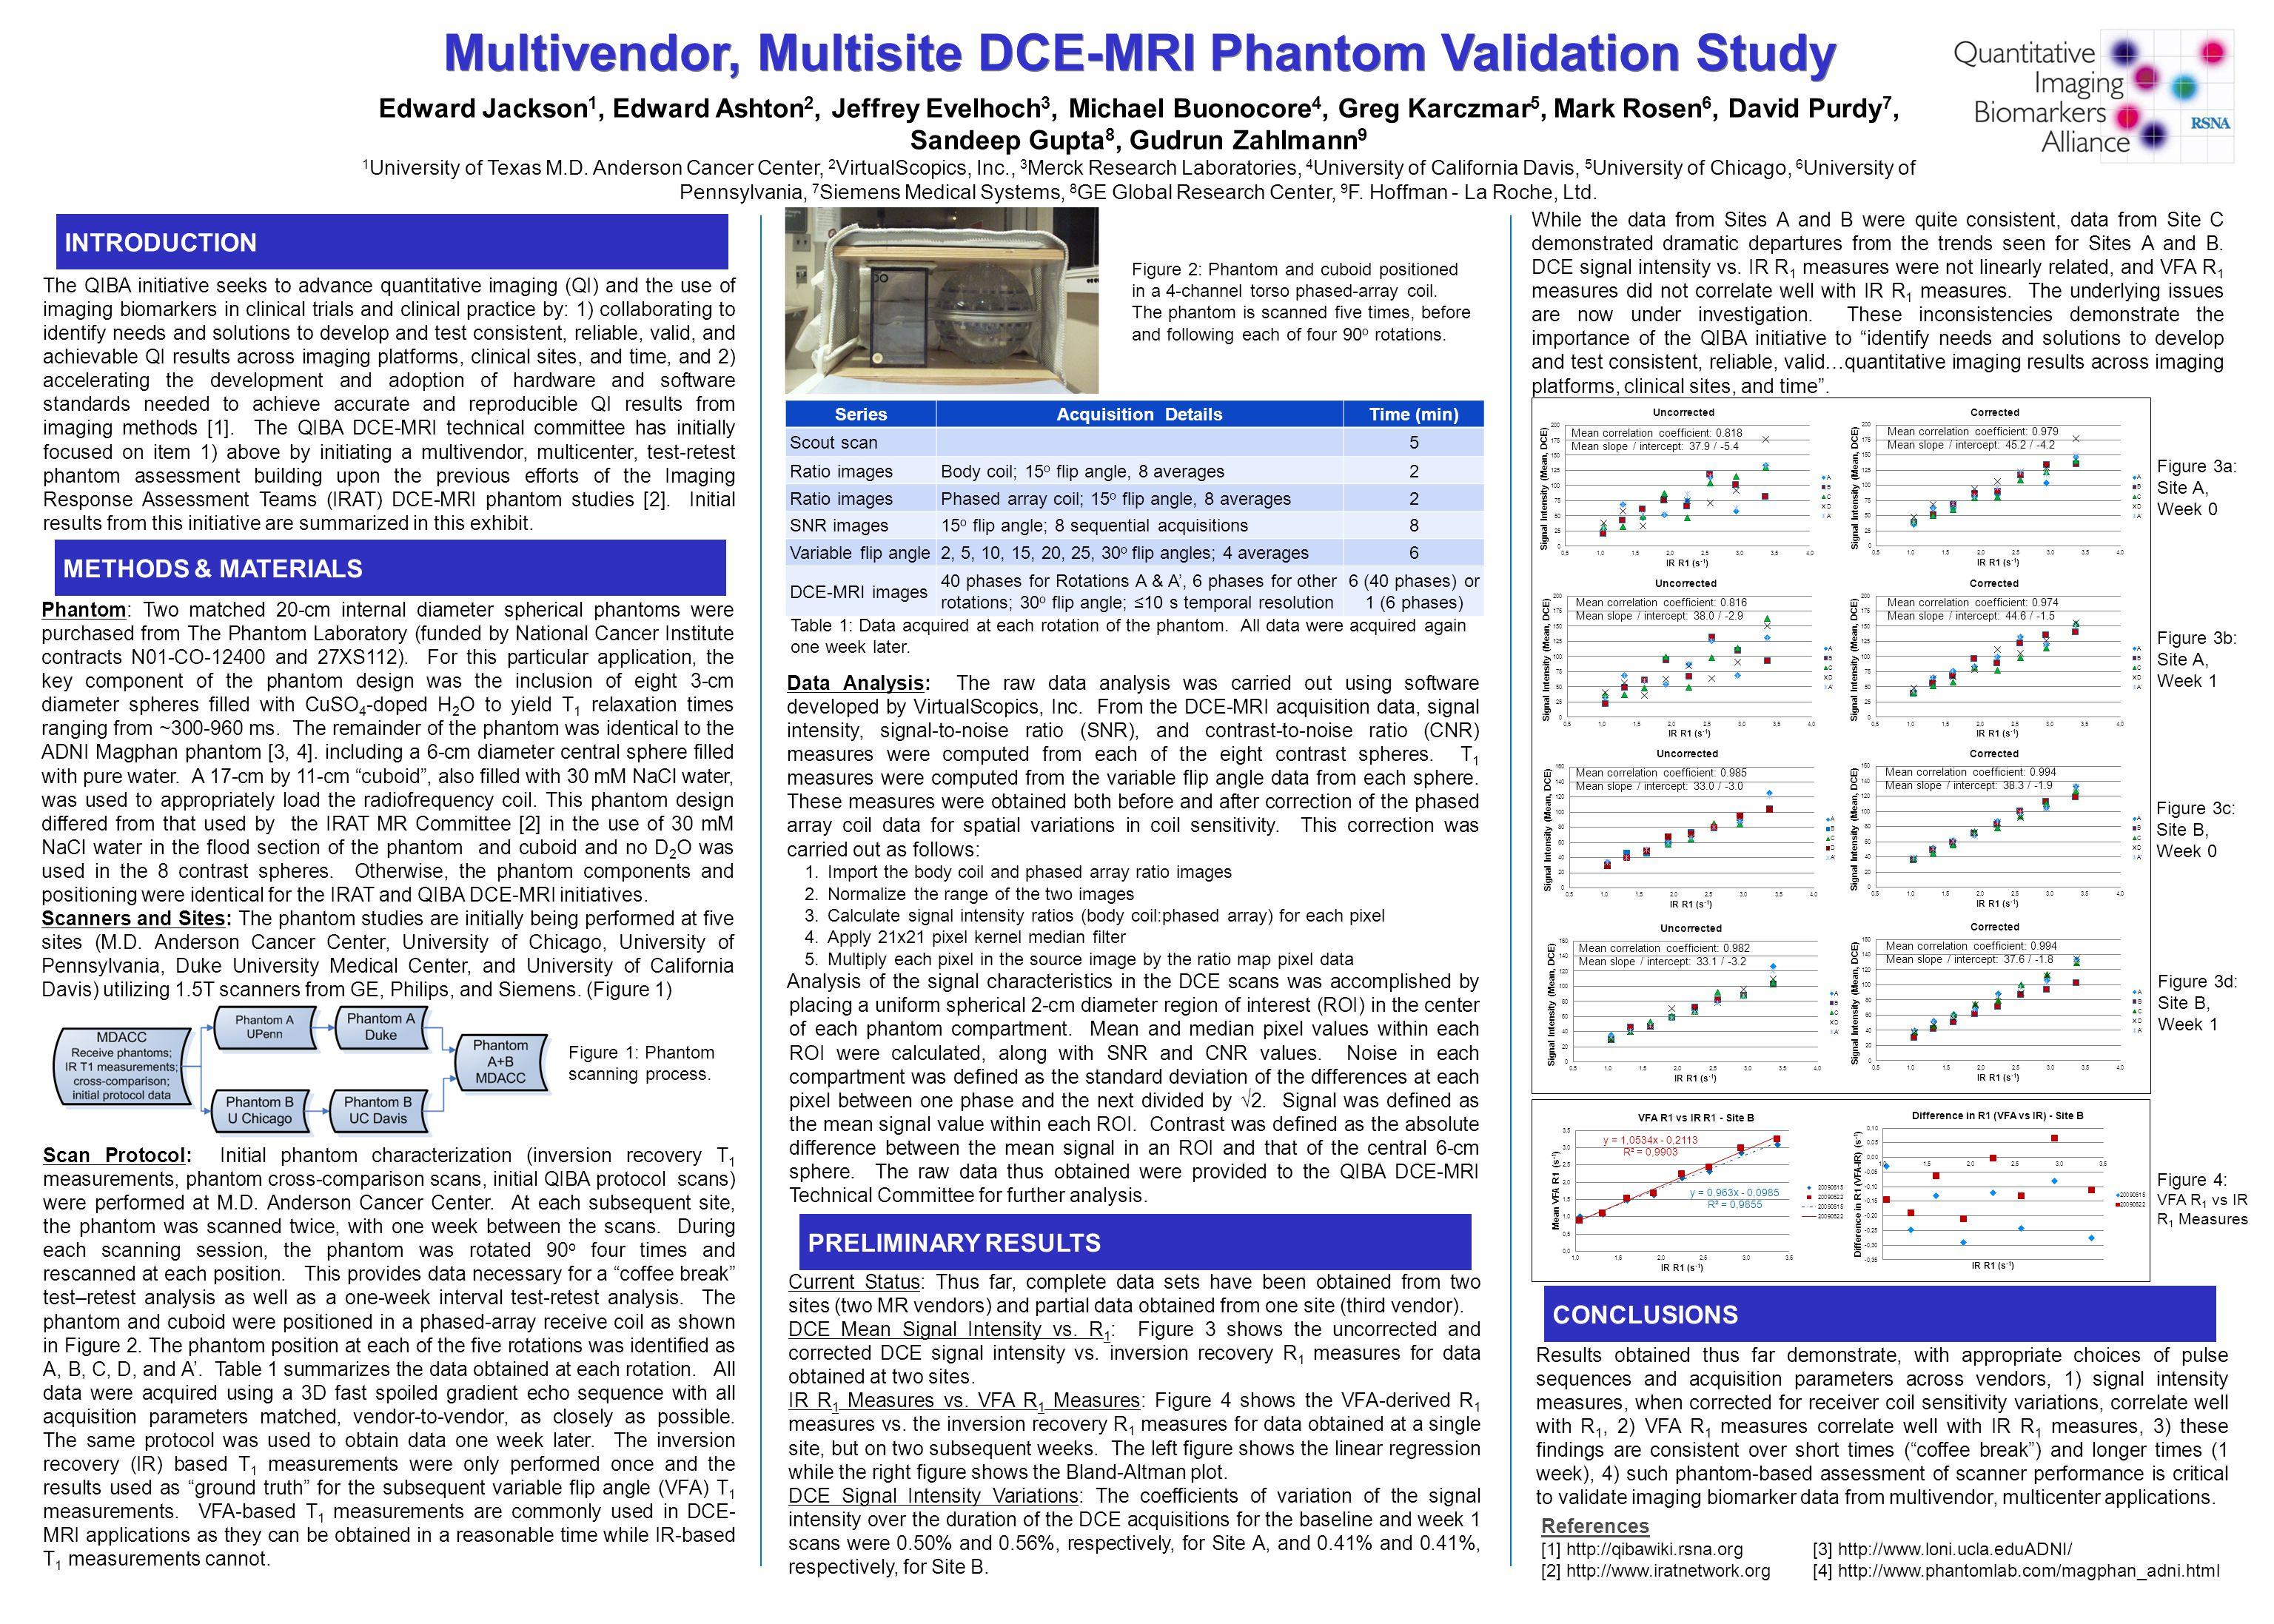 Multivendor, Multisite DCE-MRI Phantom Validation Study Edward Jackson 1, Edward Ashton 2, Jeffrey Evelhoch 3, Michael Buonocore 4, Greg Karczmar 5, M